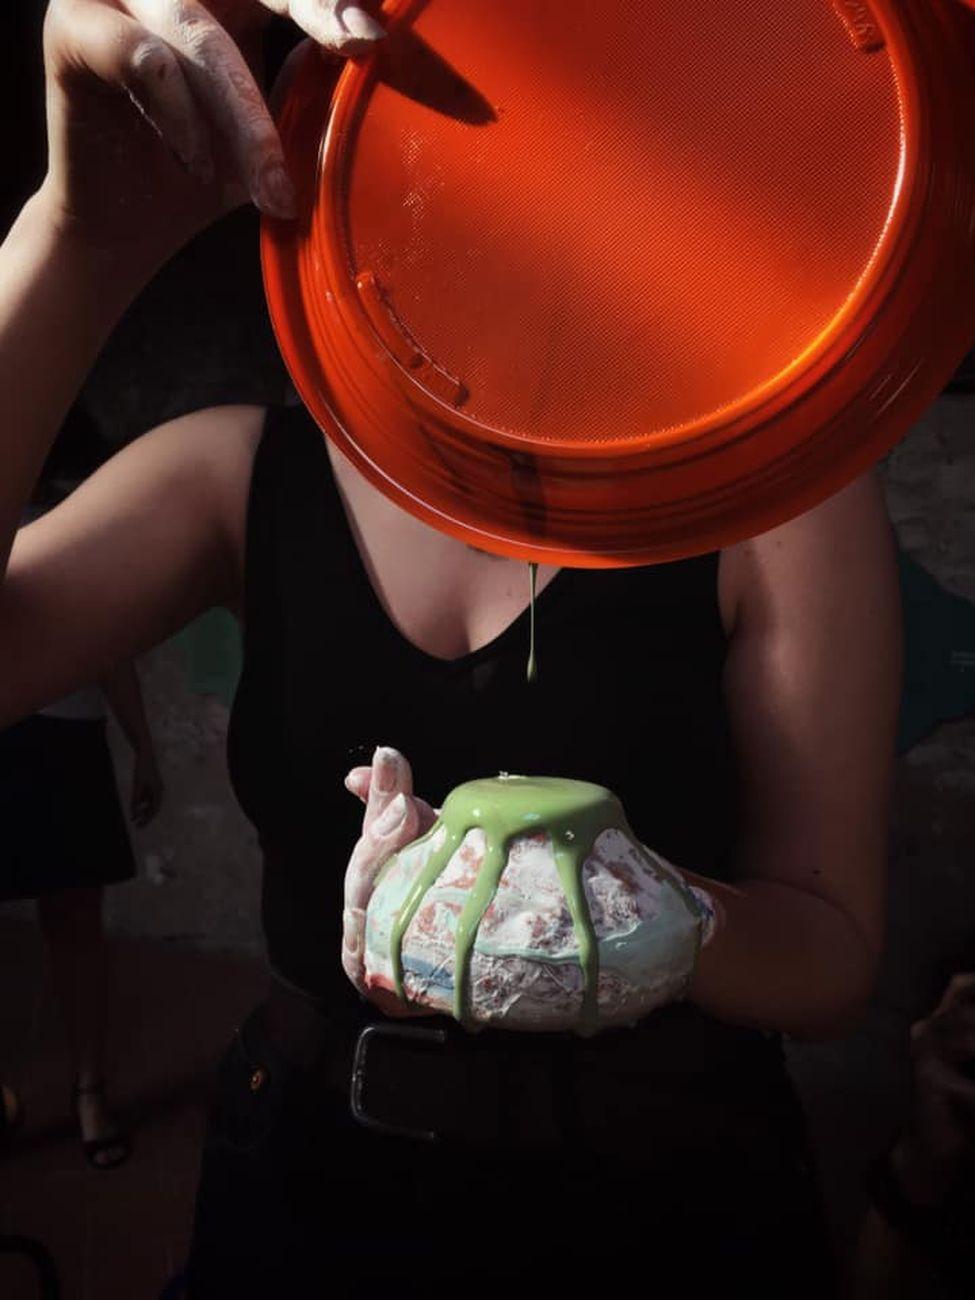 Cantieri Montelupo, workshop di Emanuela Barilozzi Caruso, Fornace del Museo, Montelupo Fiorentino 10 luglio 2021. Photo Emanuela Barilozzi Caruso